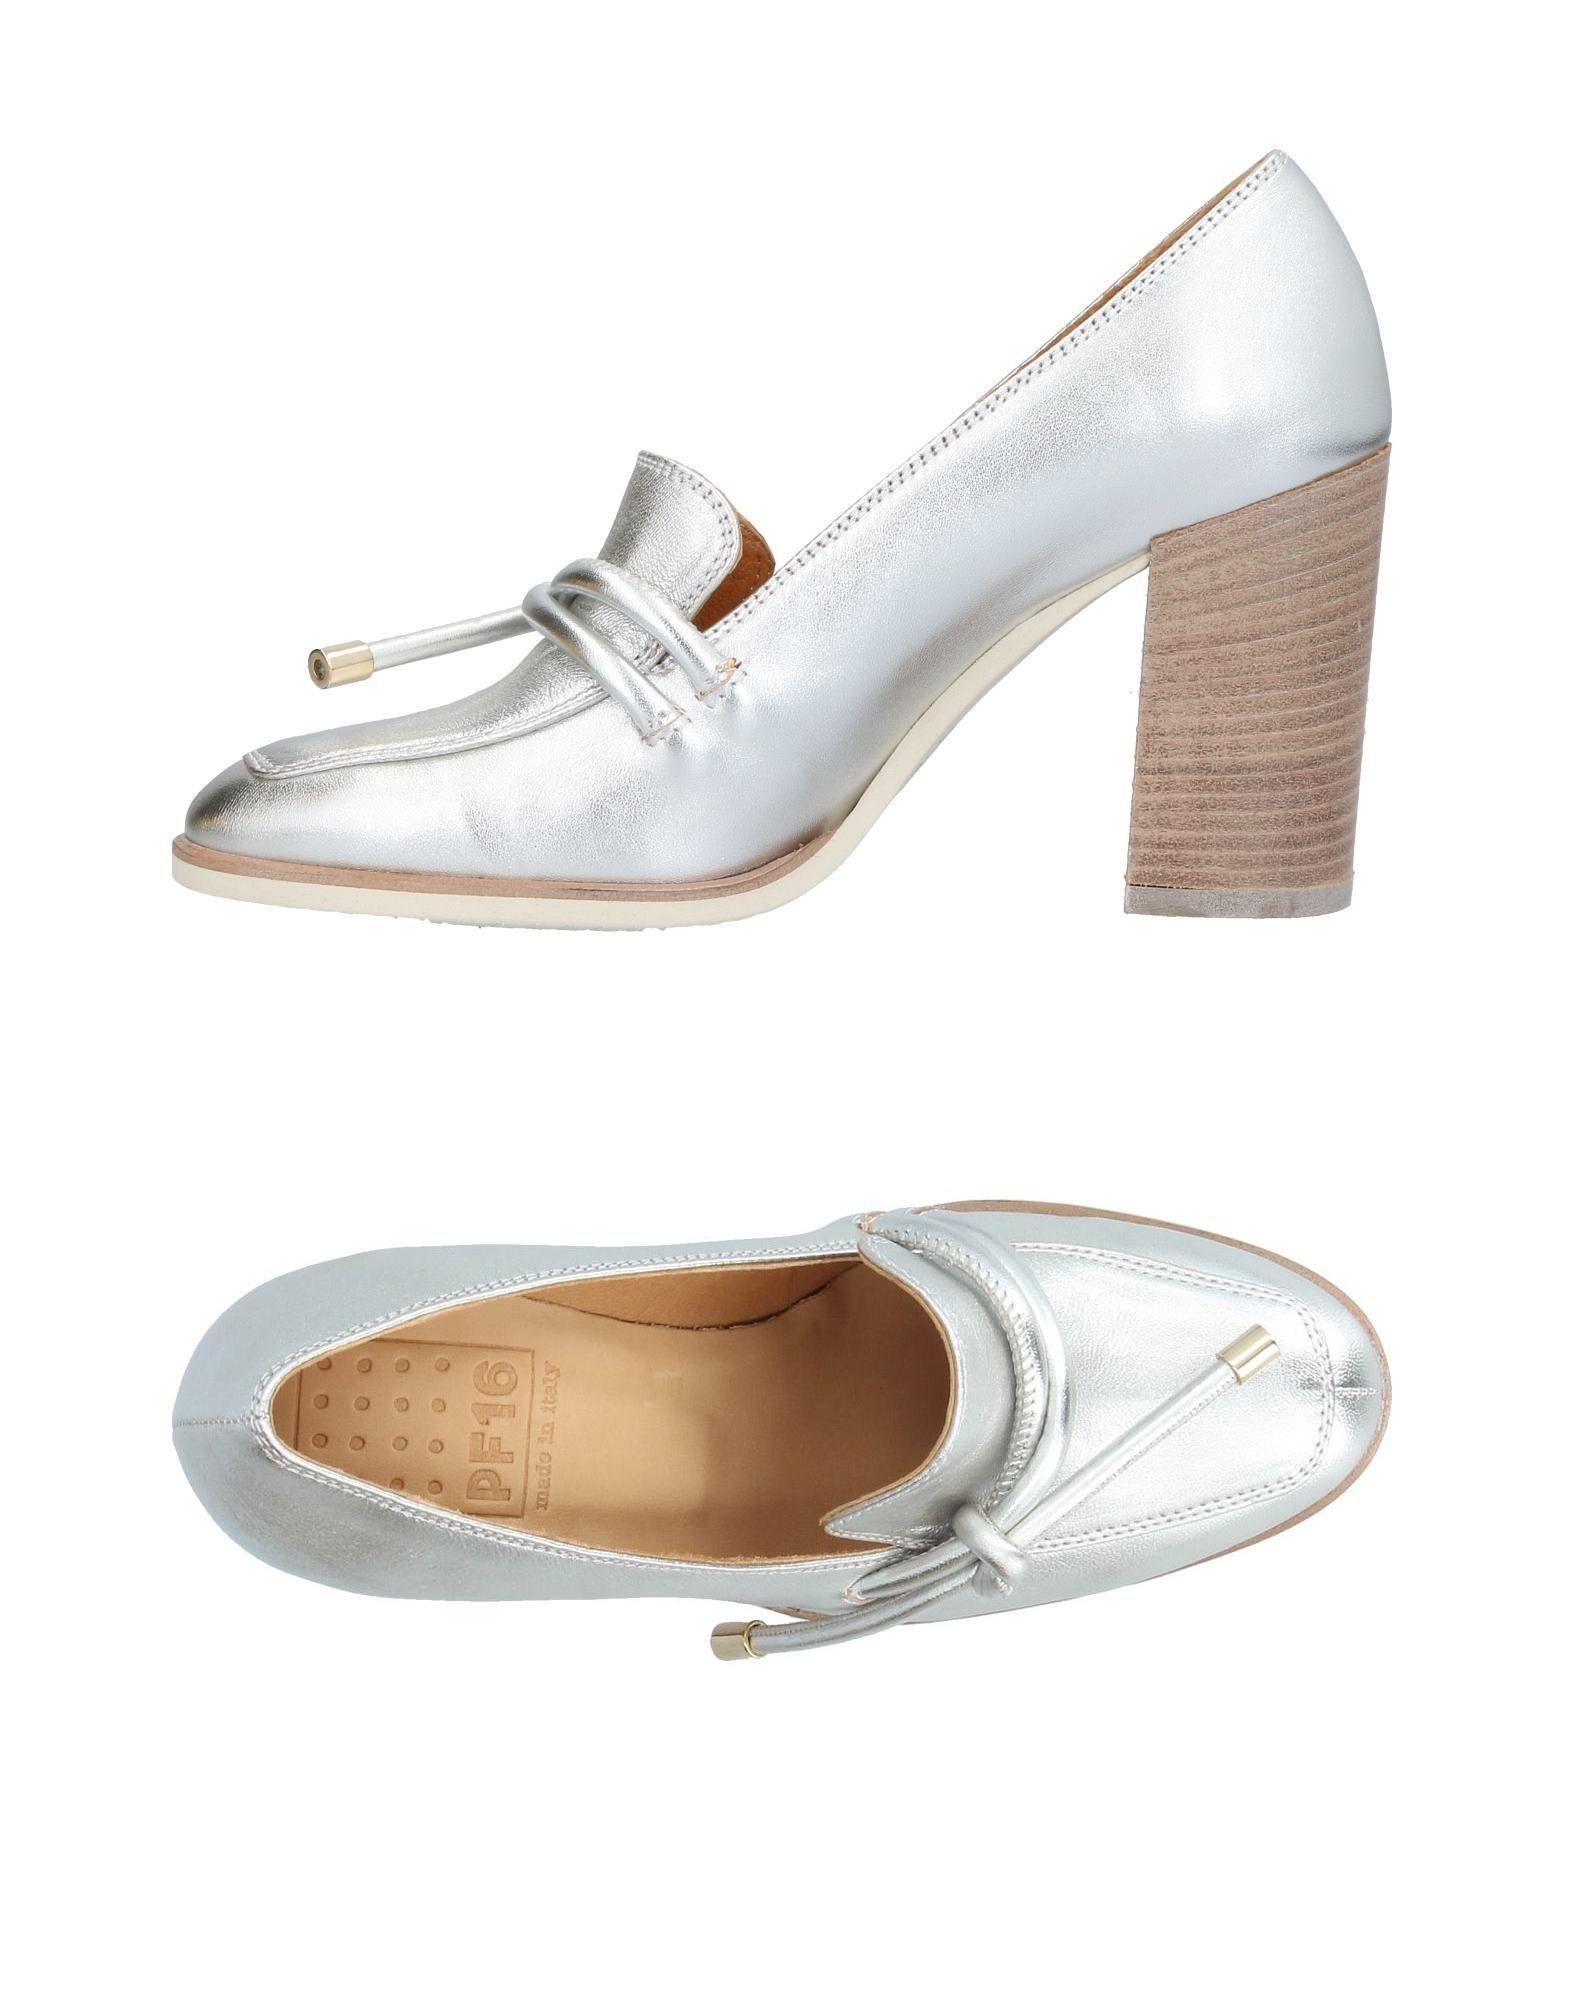 Pf16 Mokassins Damen  11390568ME Gute Qualität beliebte Schuhe